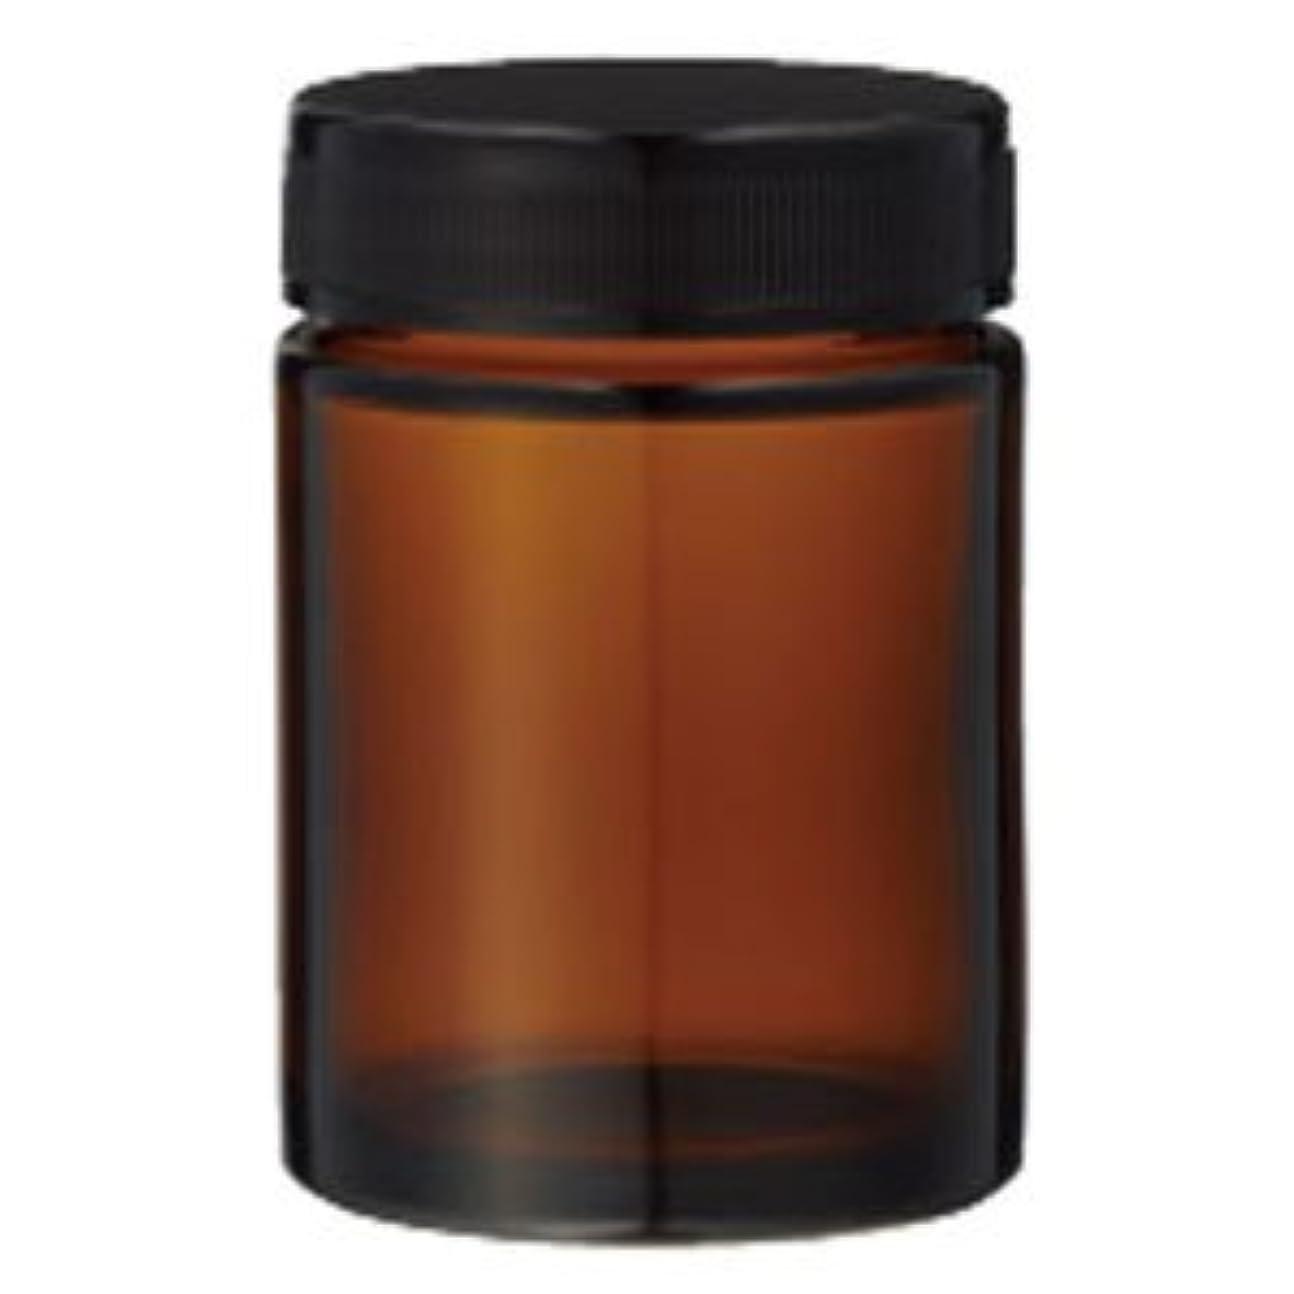 ジャムまあアッティカス生活の木 茶色ガラス?クリーム容器(100ml) 13-691-5050